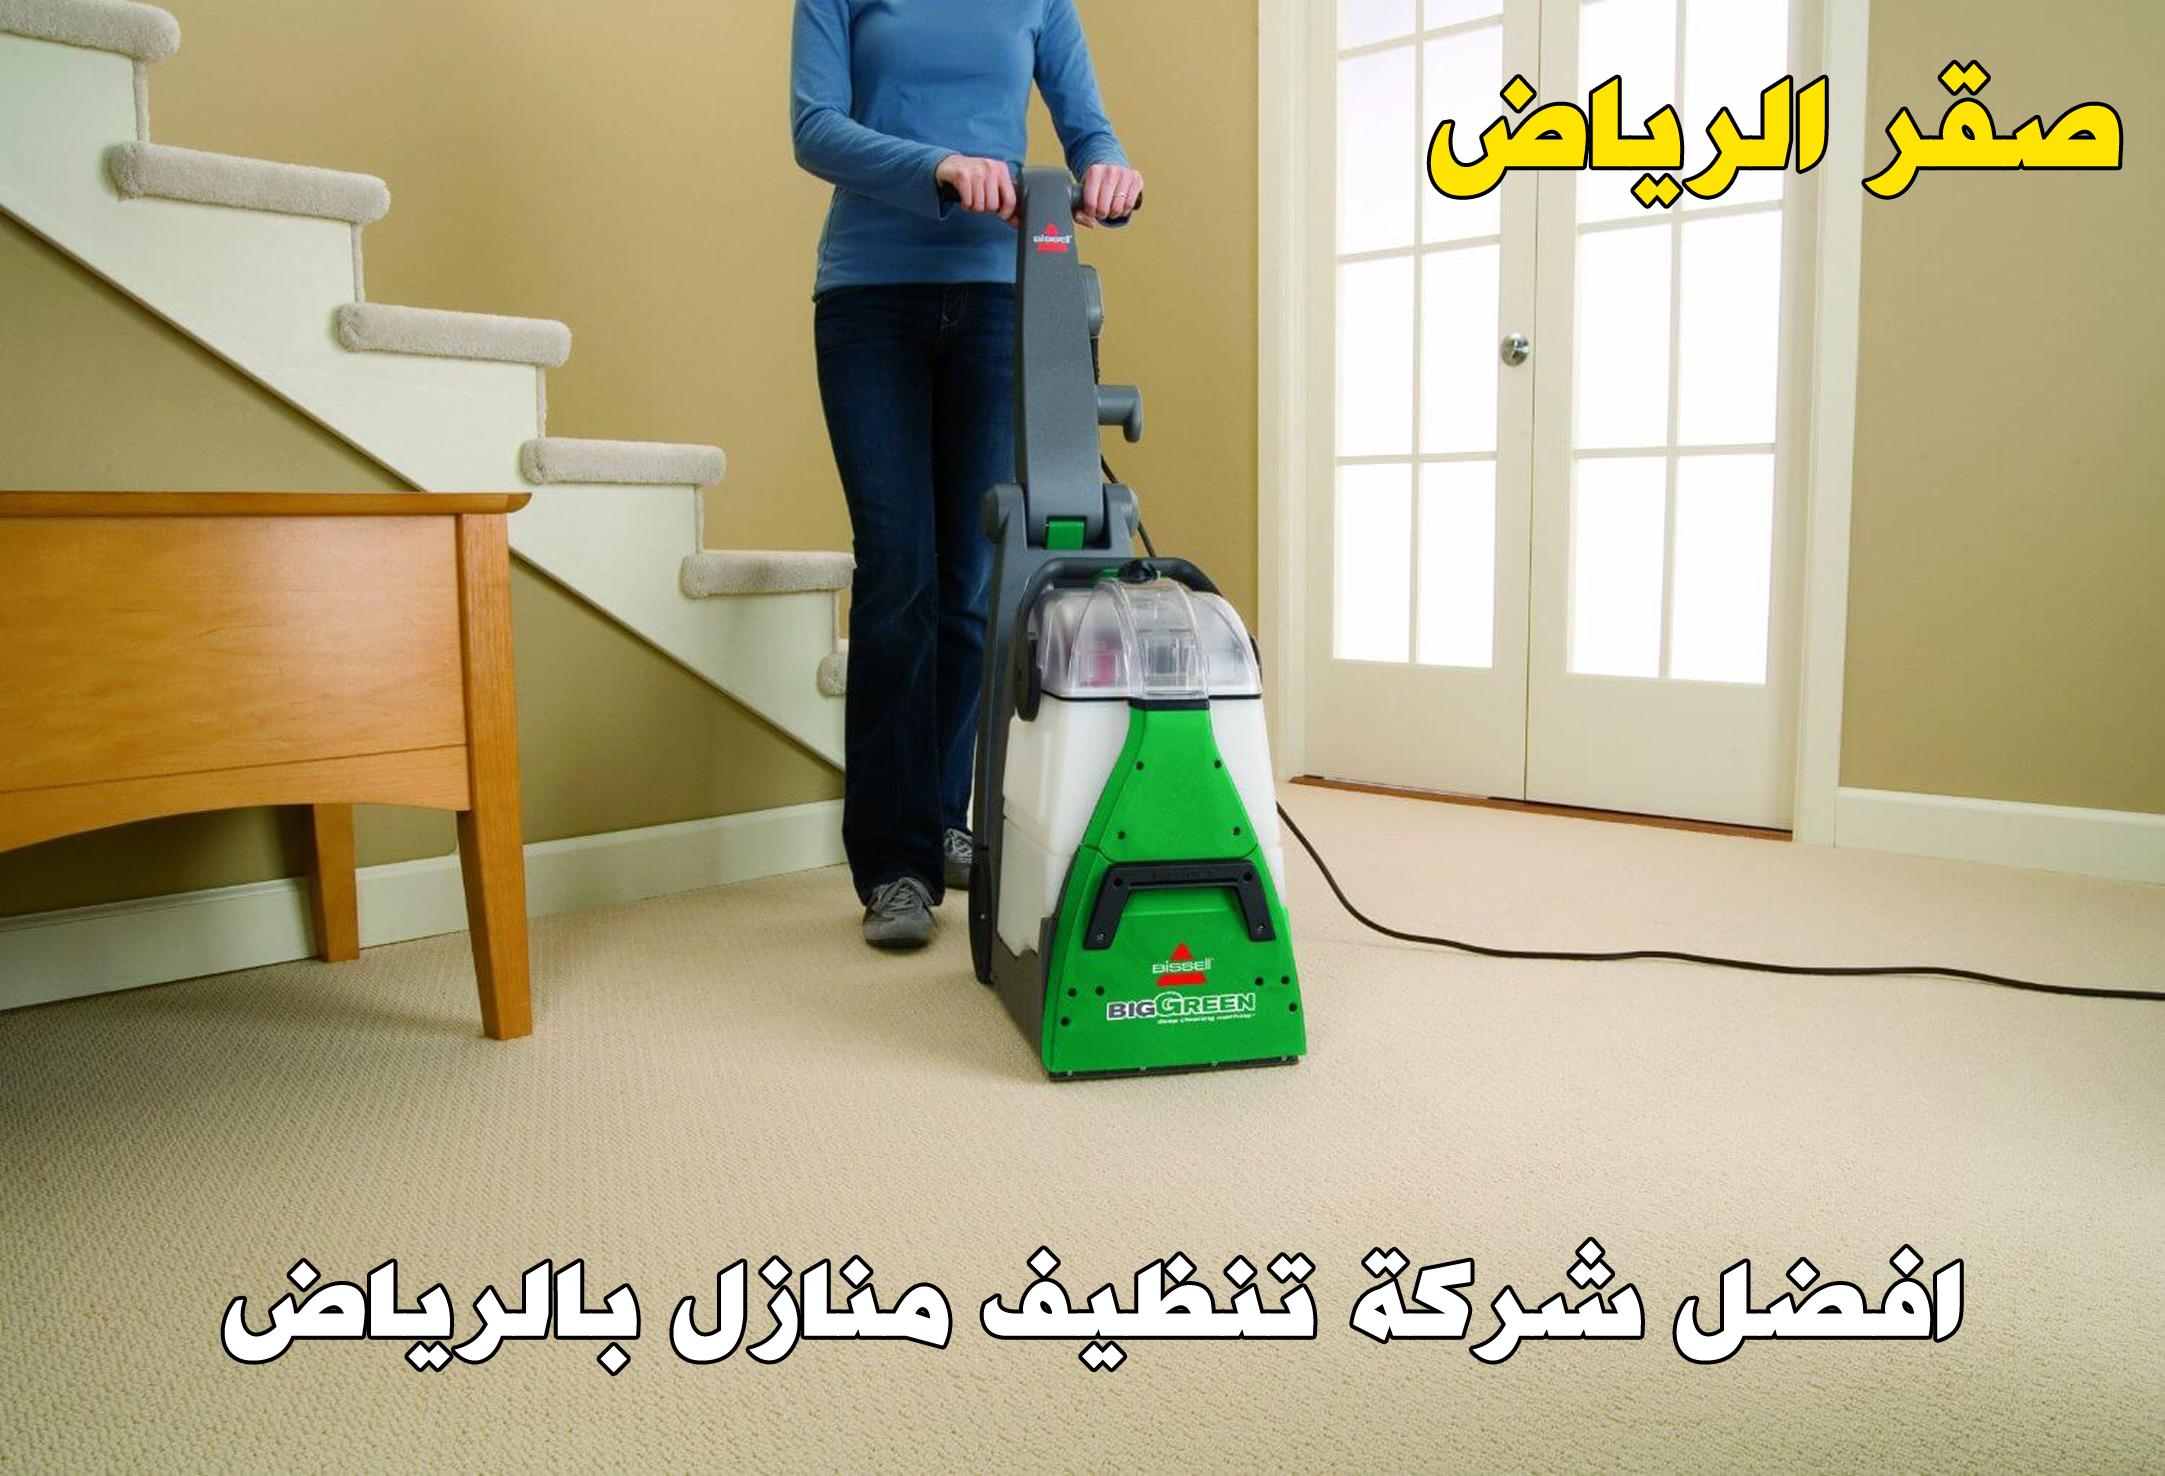 بالصور شركة تنظيف منازل بالرياض , افضل شركات لتنظيف المنازل بالرياض 4028 8